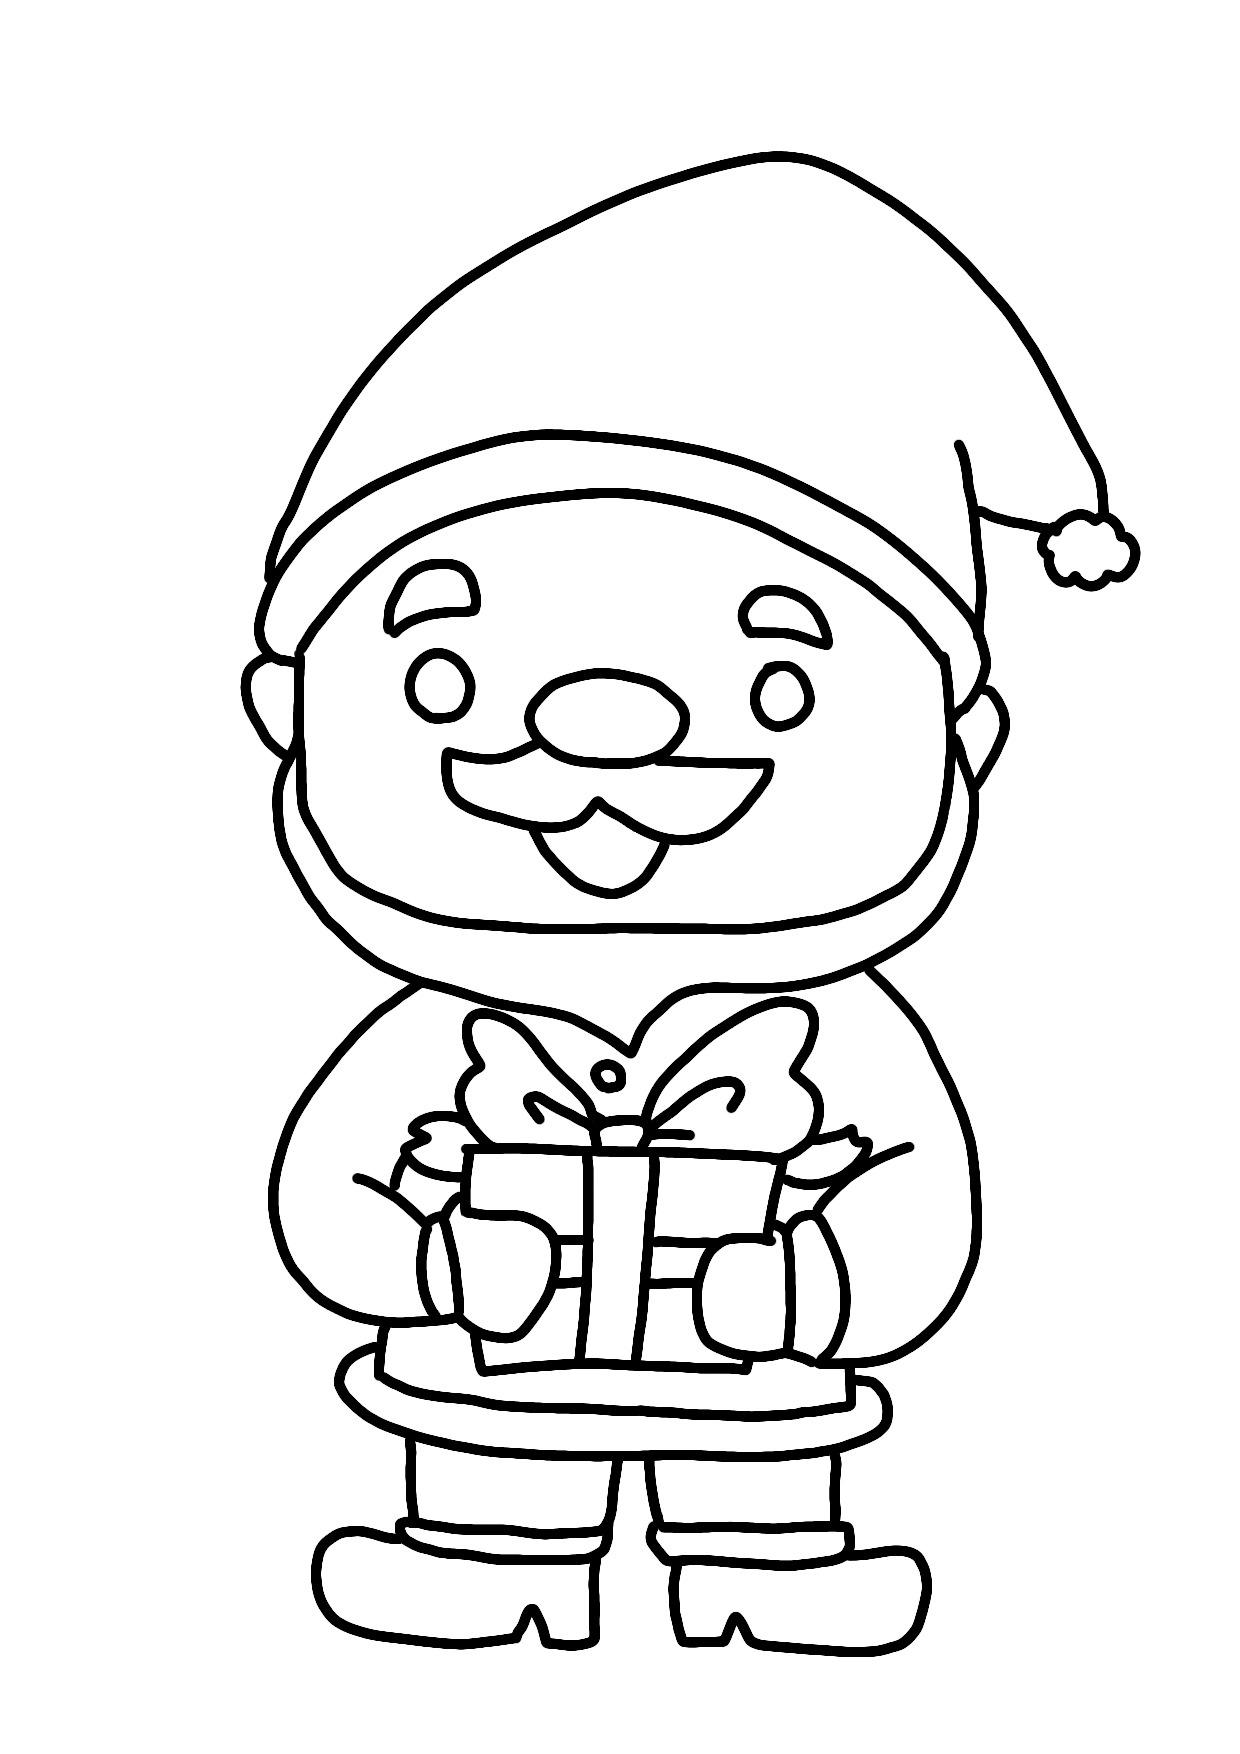 12月の無料ぬりえクリスマスツリーサンタプレゼントbox等保育園